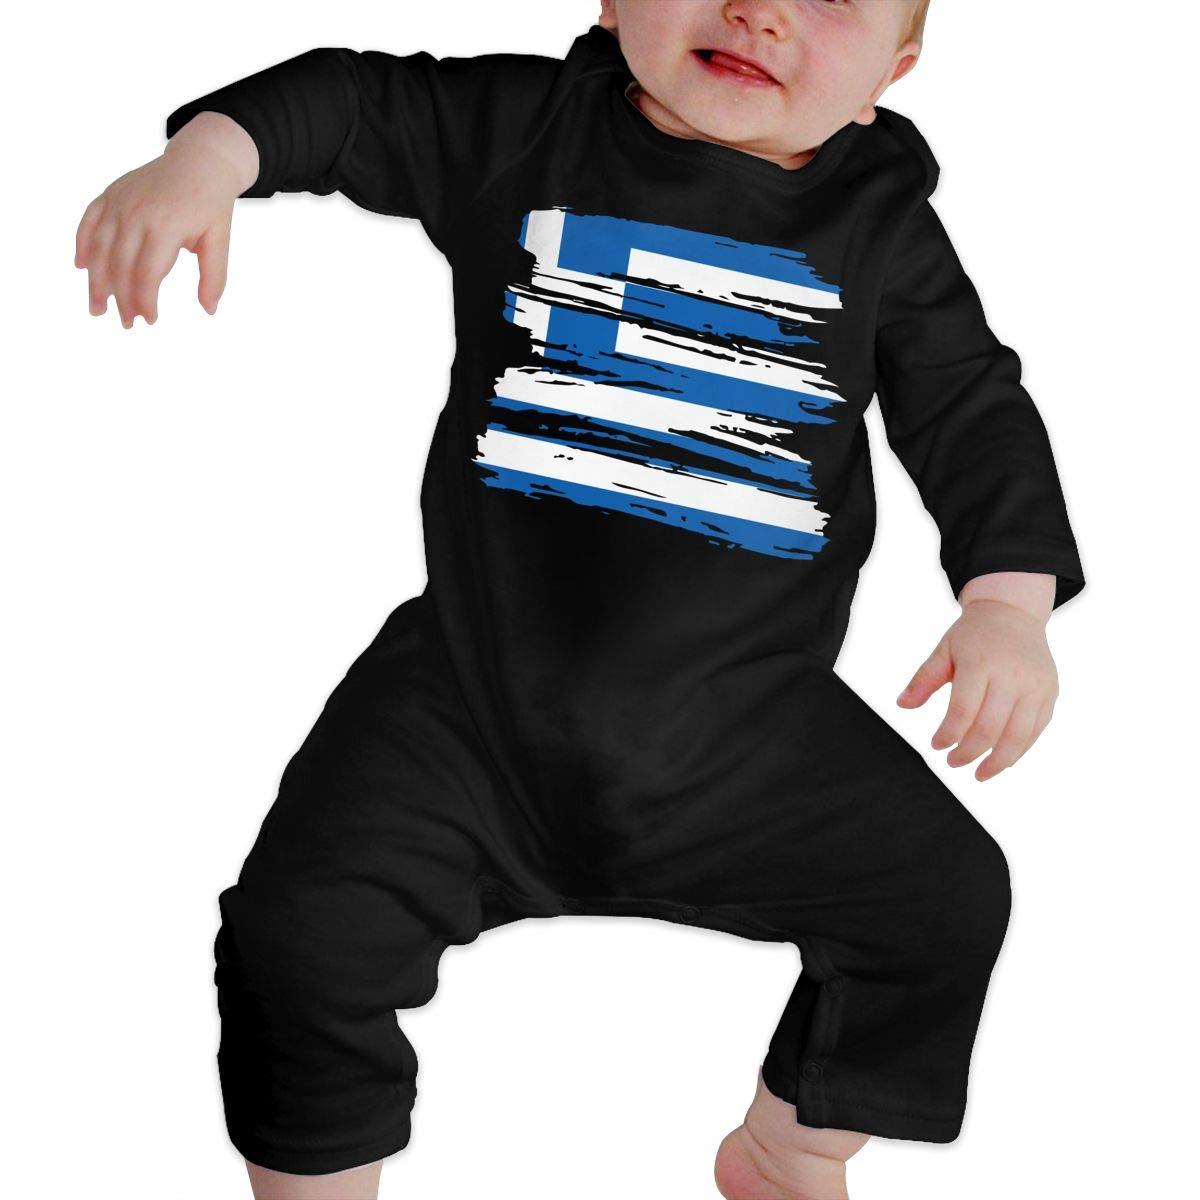 UGFGF-S3 Grunge Greece Greek Flag Baby Girl Long Sleeve Romper Jumpsuit Infant Romper Jumpsuit